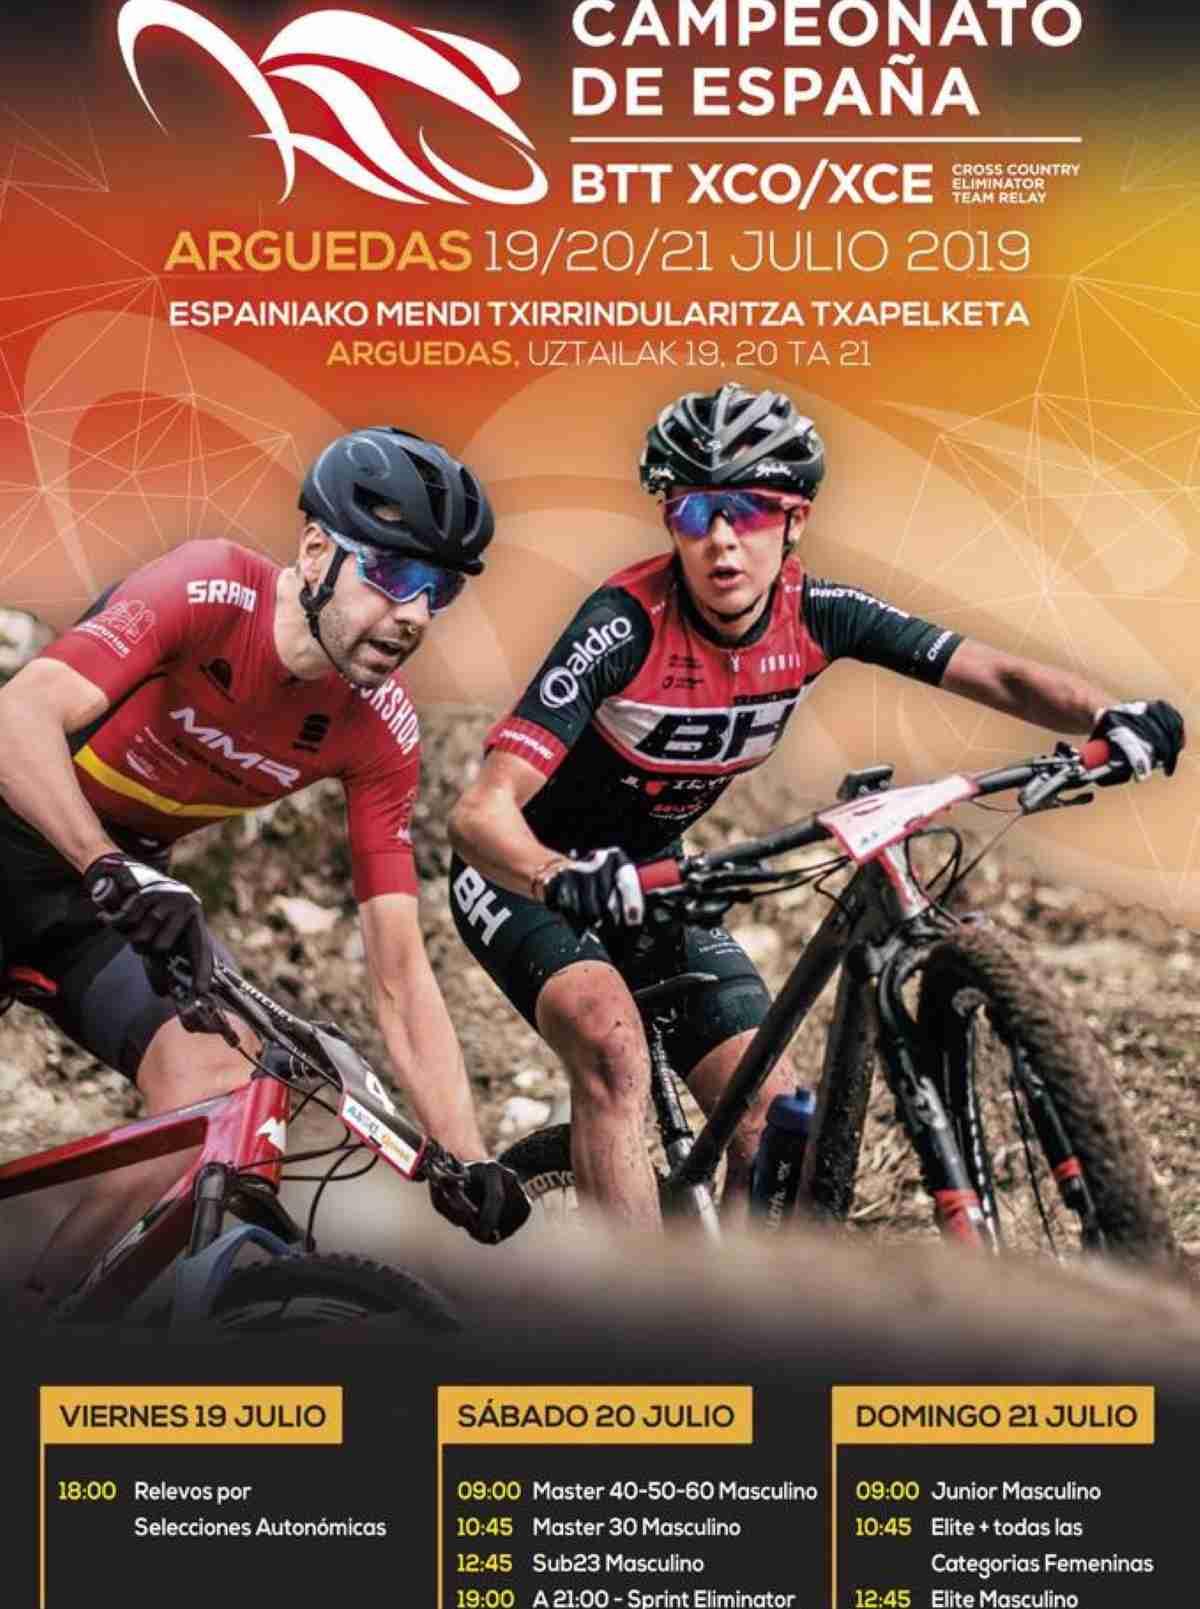 Listado de bikers de Castilla-La Mancha que disputarán el Campeonato de España BTT XCO/XCE 1